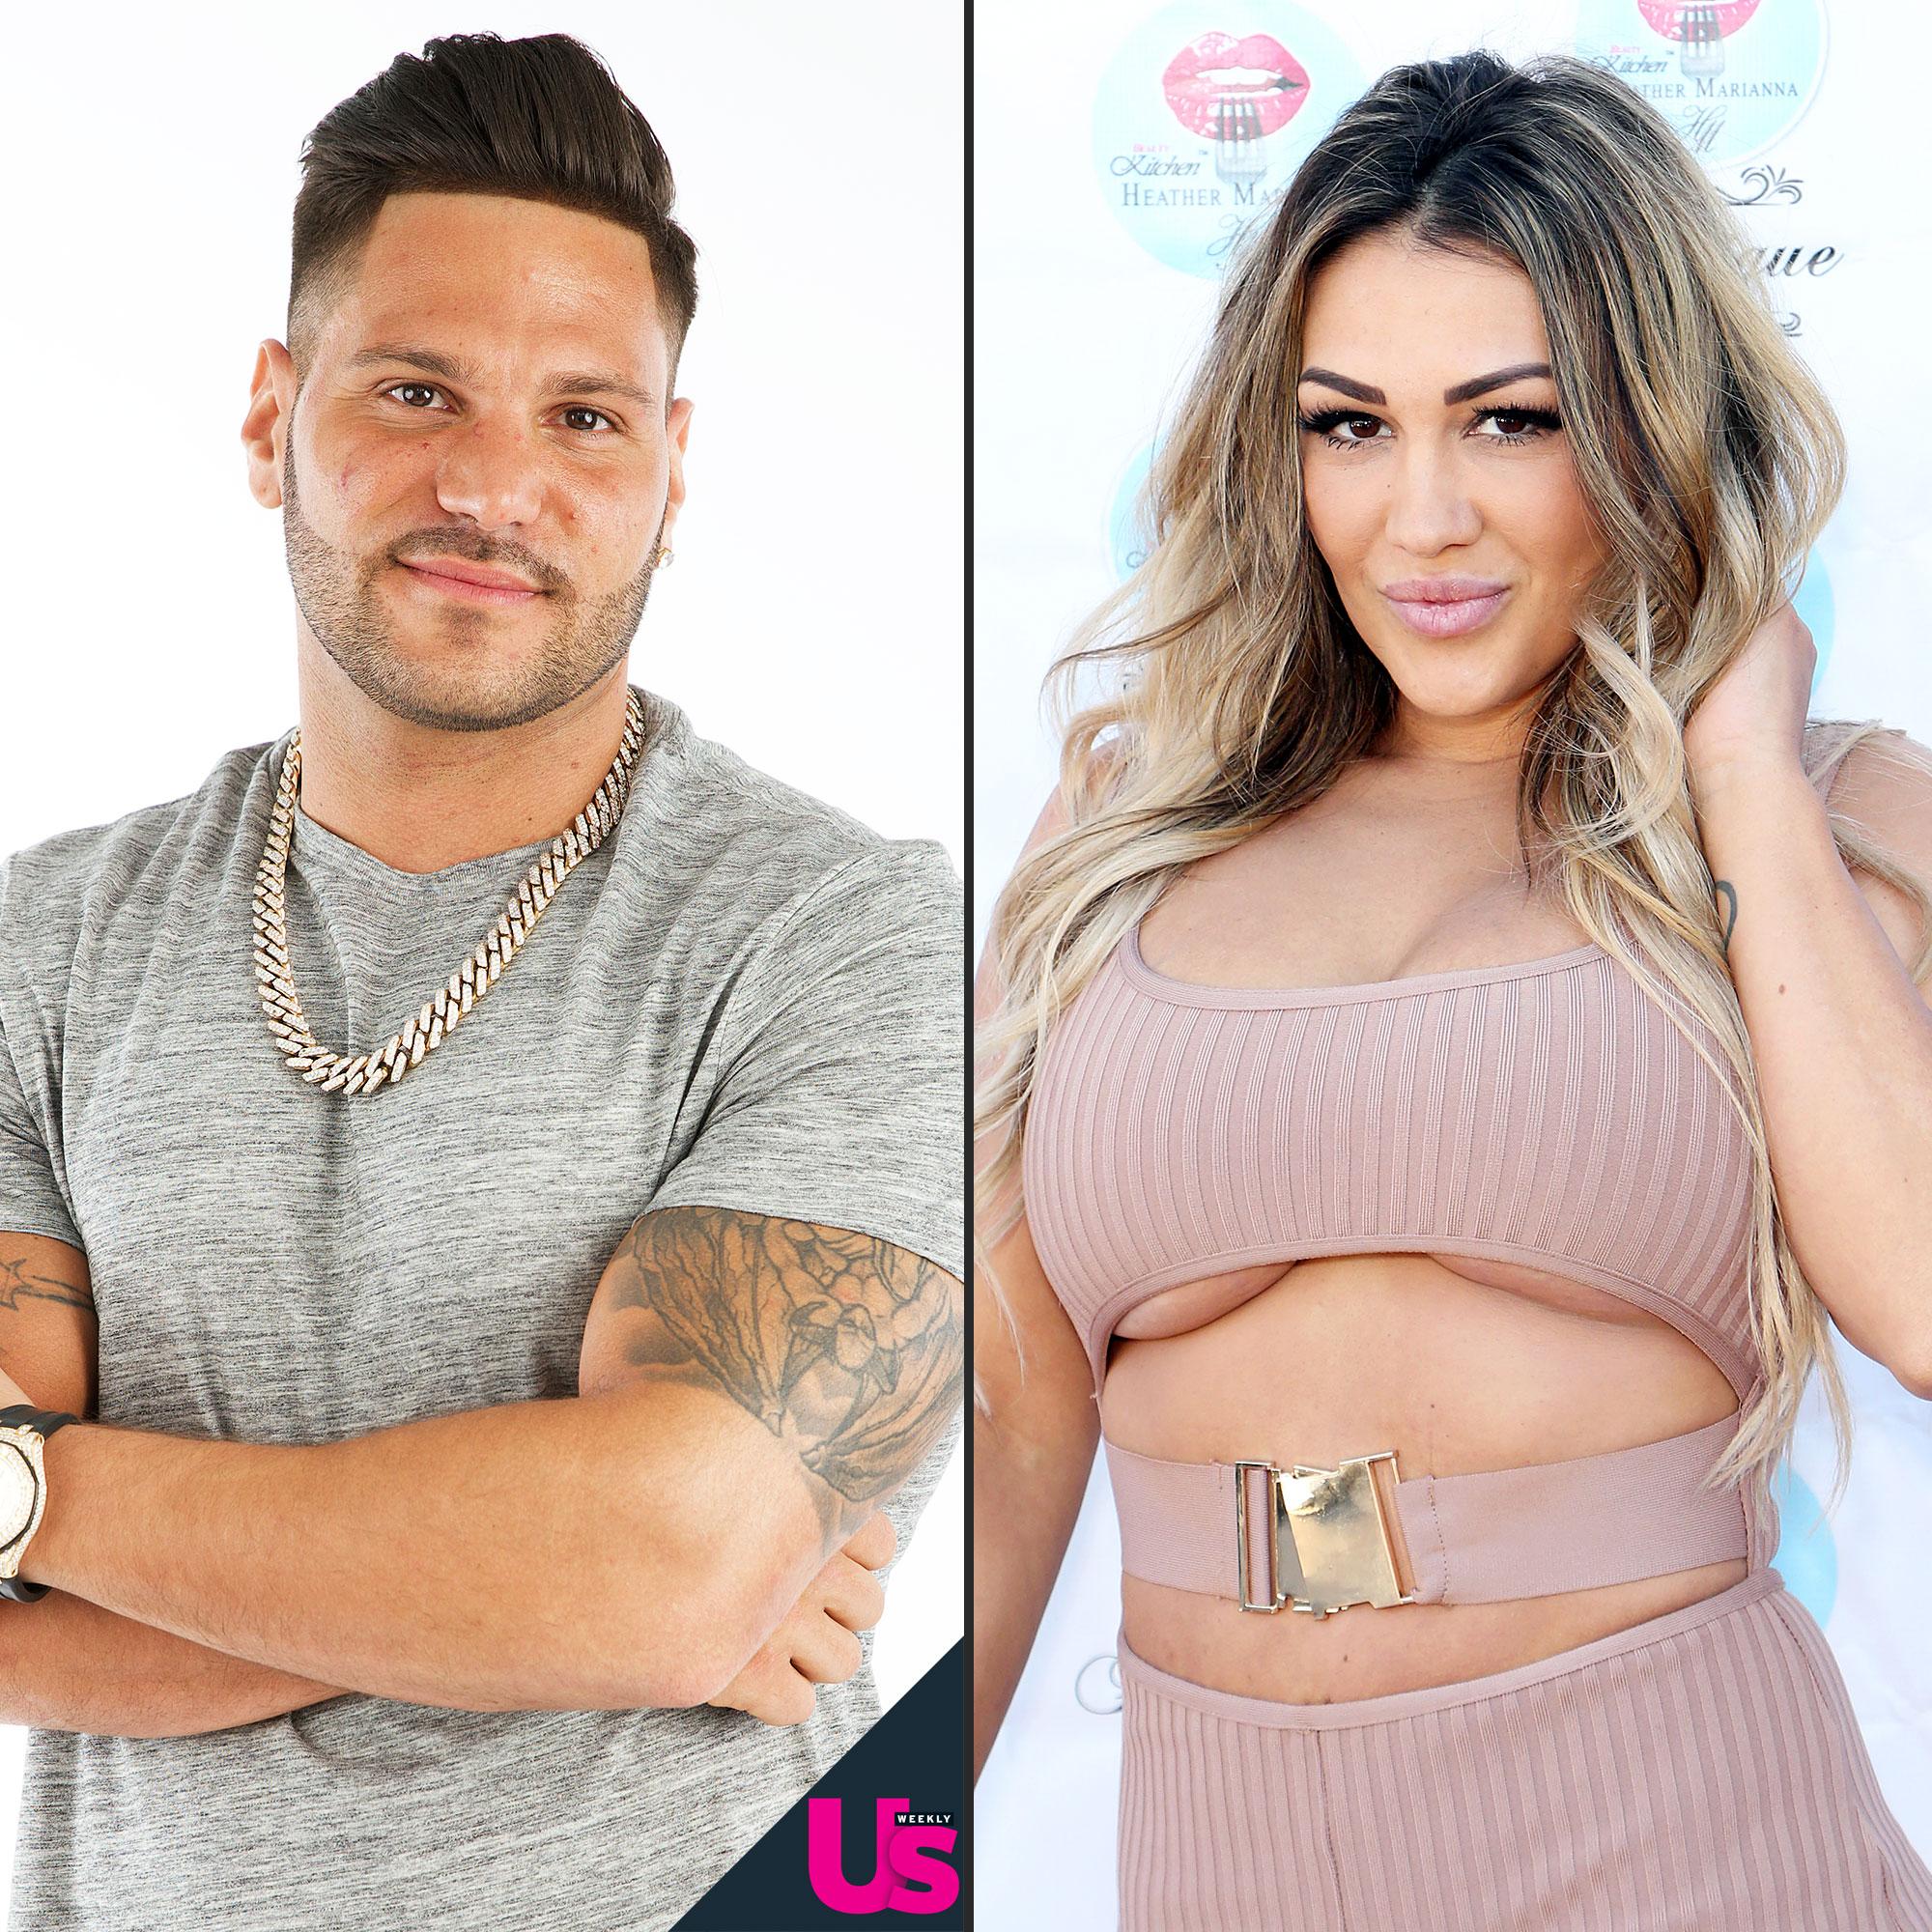 Ronnie Ortiz-Magro Leaving Las Vegas Jen Harley Update